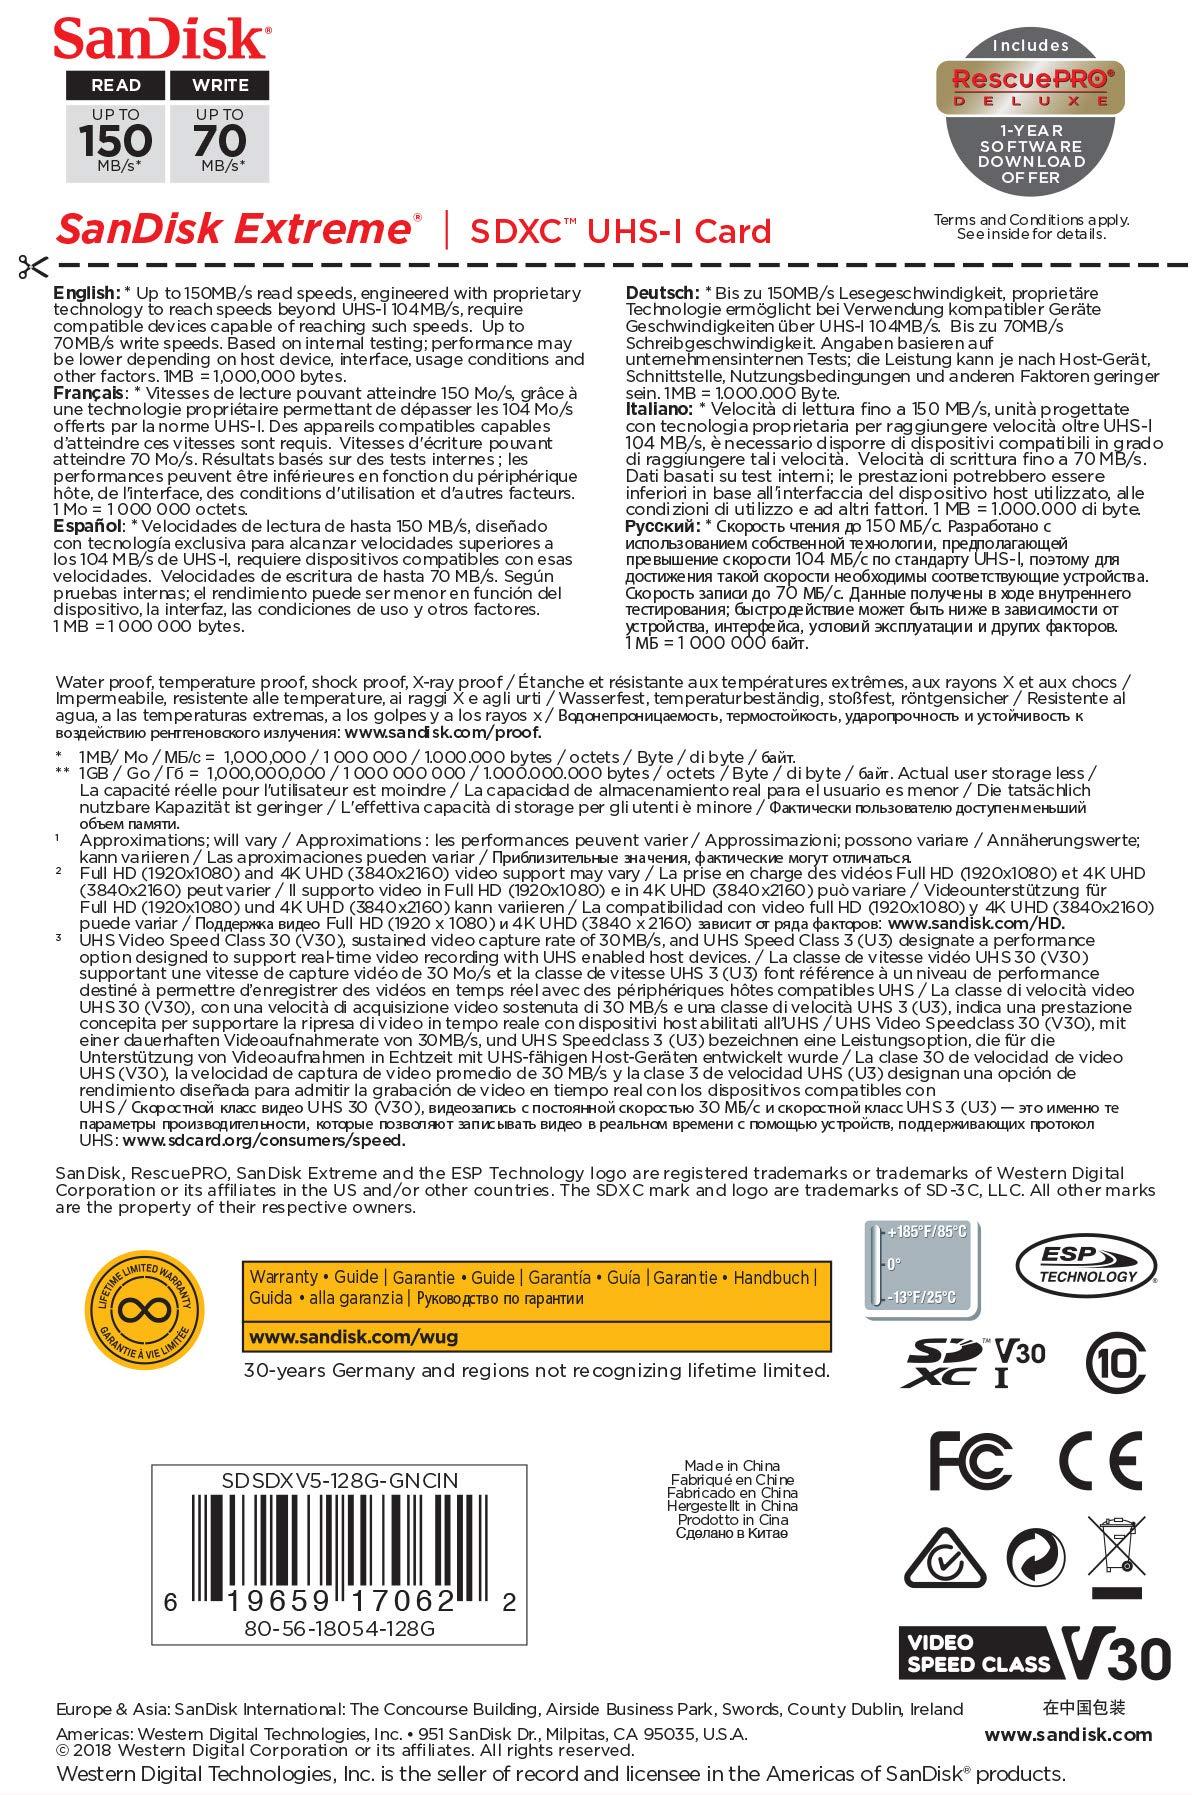 SanDisk 128GB Extreme SDXC UHS-I Card - C10, U3, V30, 4K UHD, SD Card - SDSDXV5-128G-GNCIN by SanDisk (Image #5)